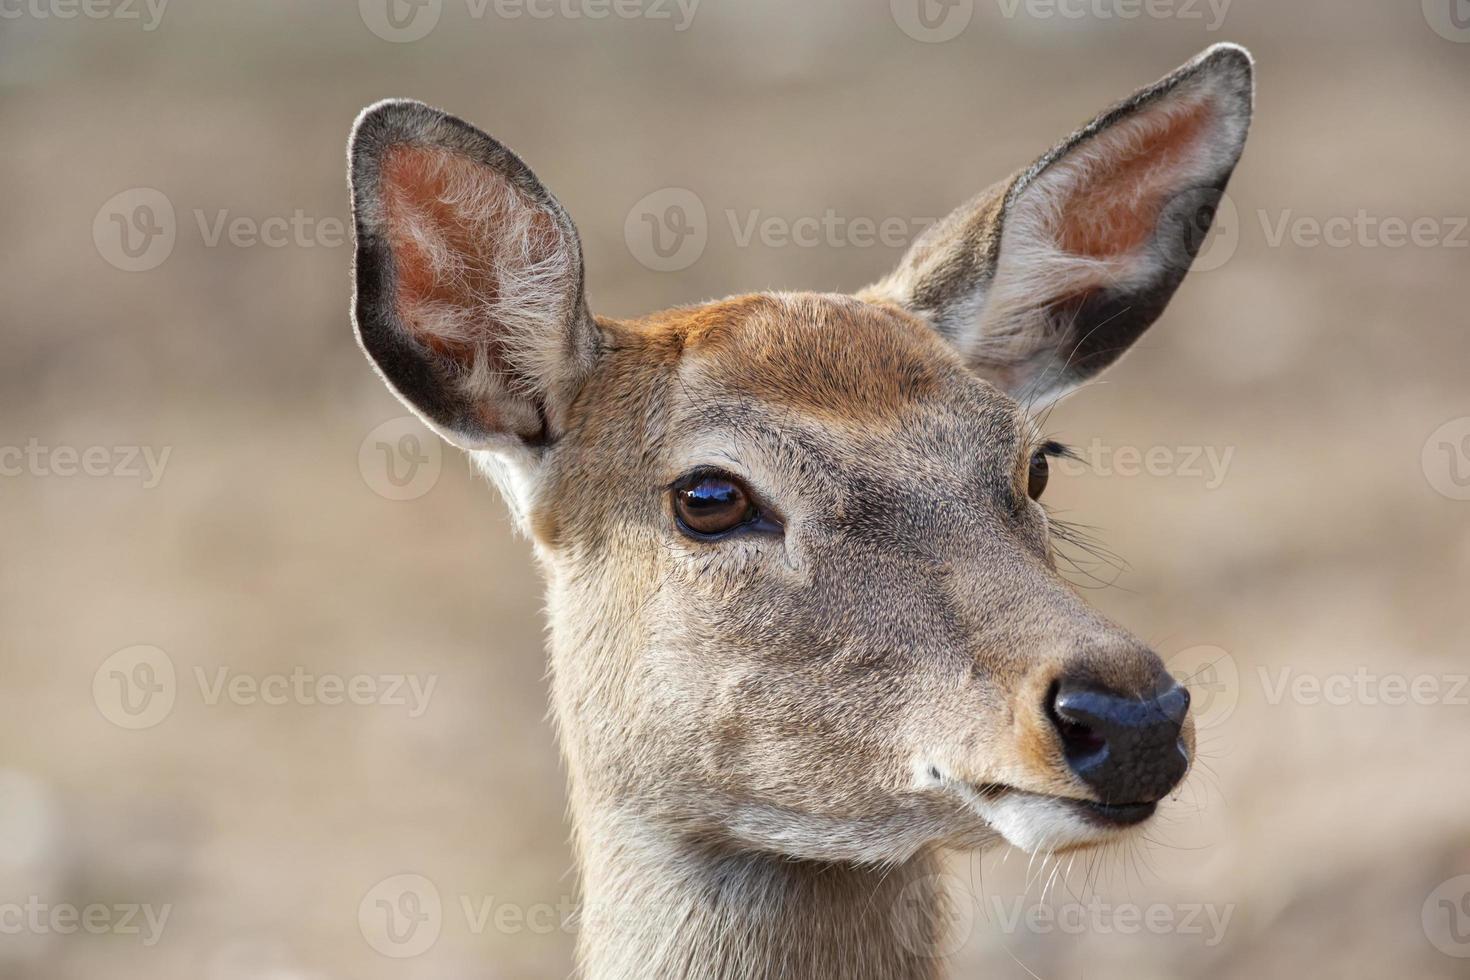 Closeup retrato de un eje hembra ciervo. foto